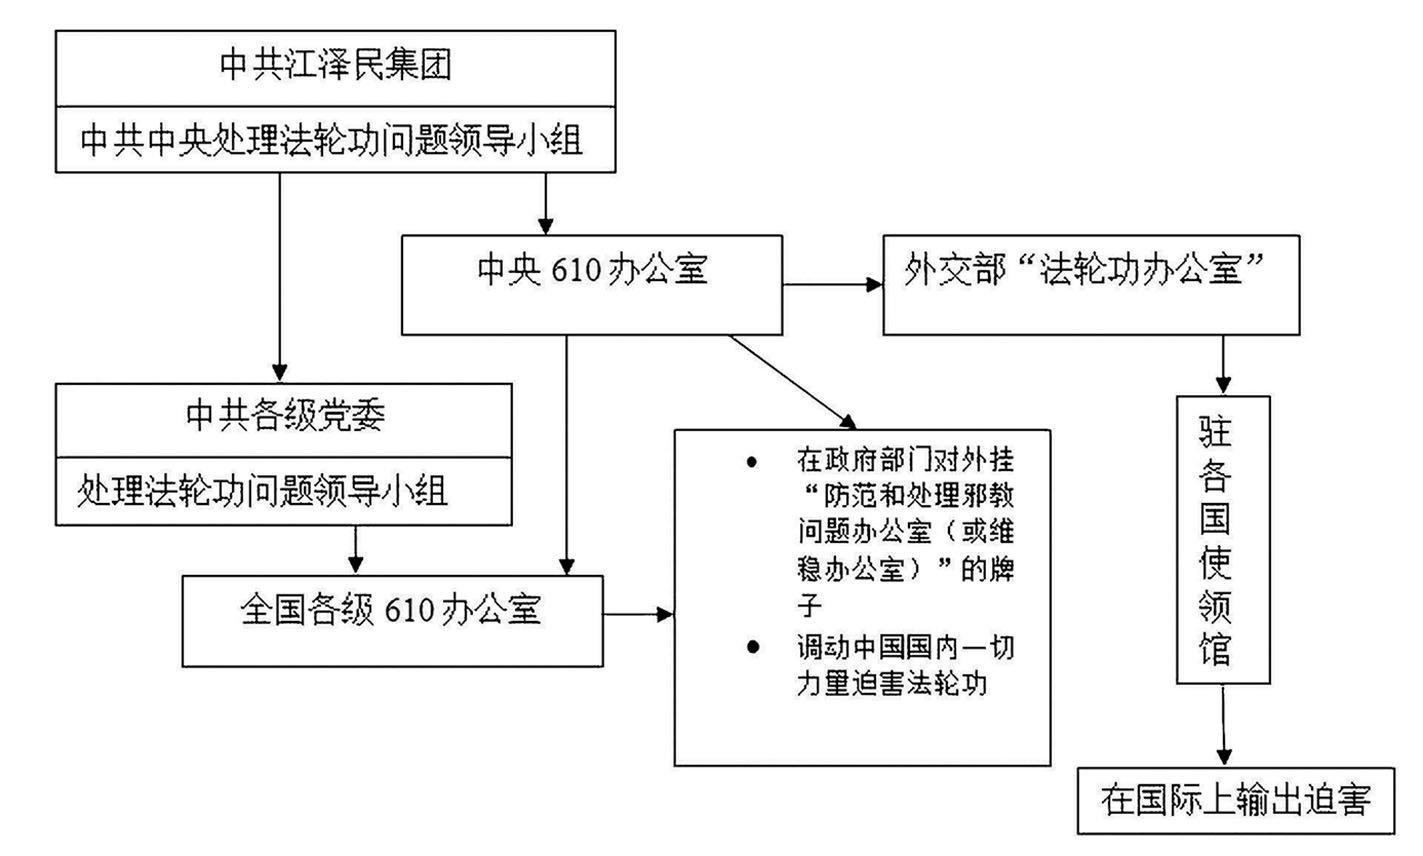 江澤民違憲創立的610架構示意圖 。(明慧網)